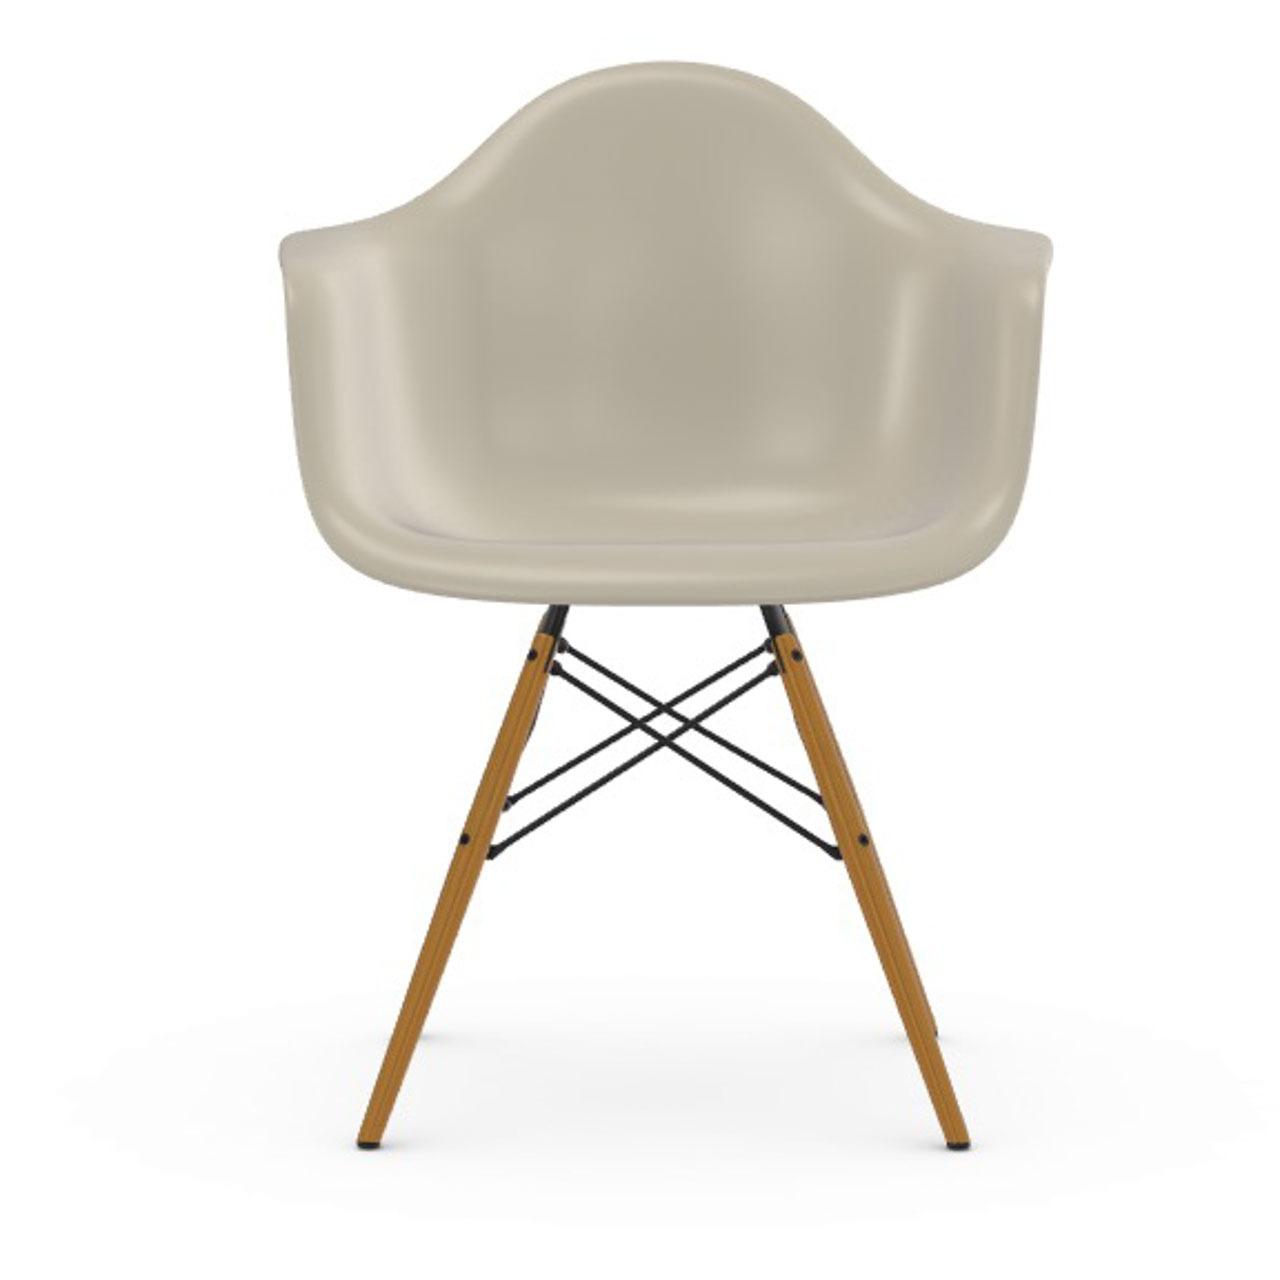 Vitra Eames Plastic Armchair DAW ohne Polster  Holzuntergestell Esche Honigfarben / 65,  Kieselstein / 11,  Schwarzer Gleiter für Hartböden